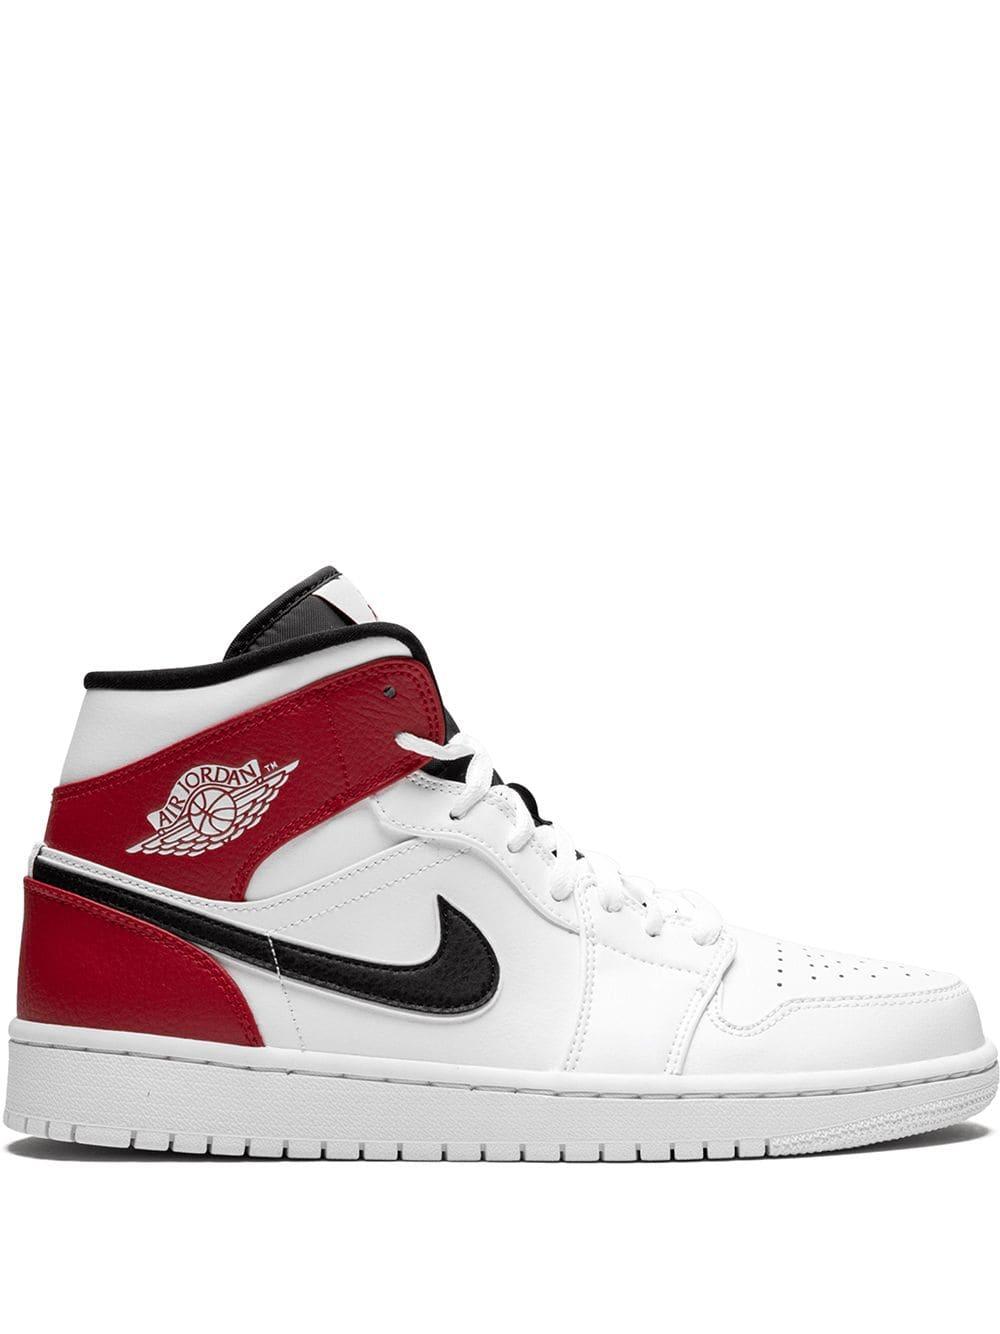 Jordan 1 Mid Sneakers In White/black